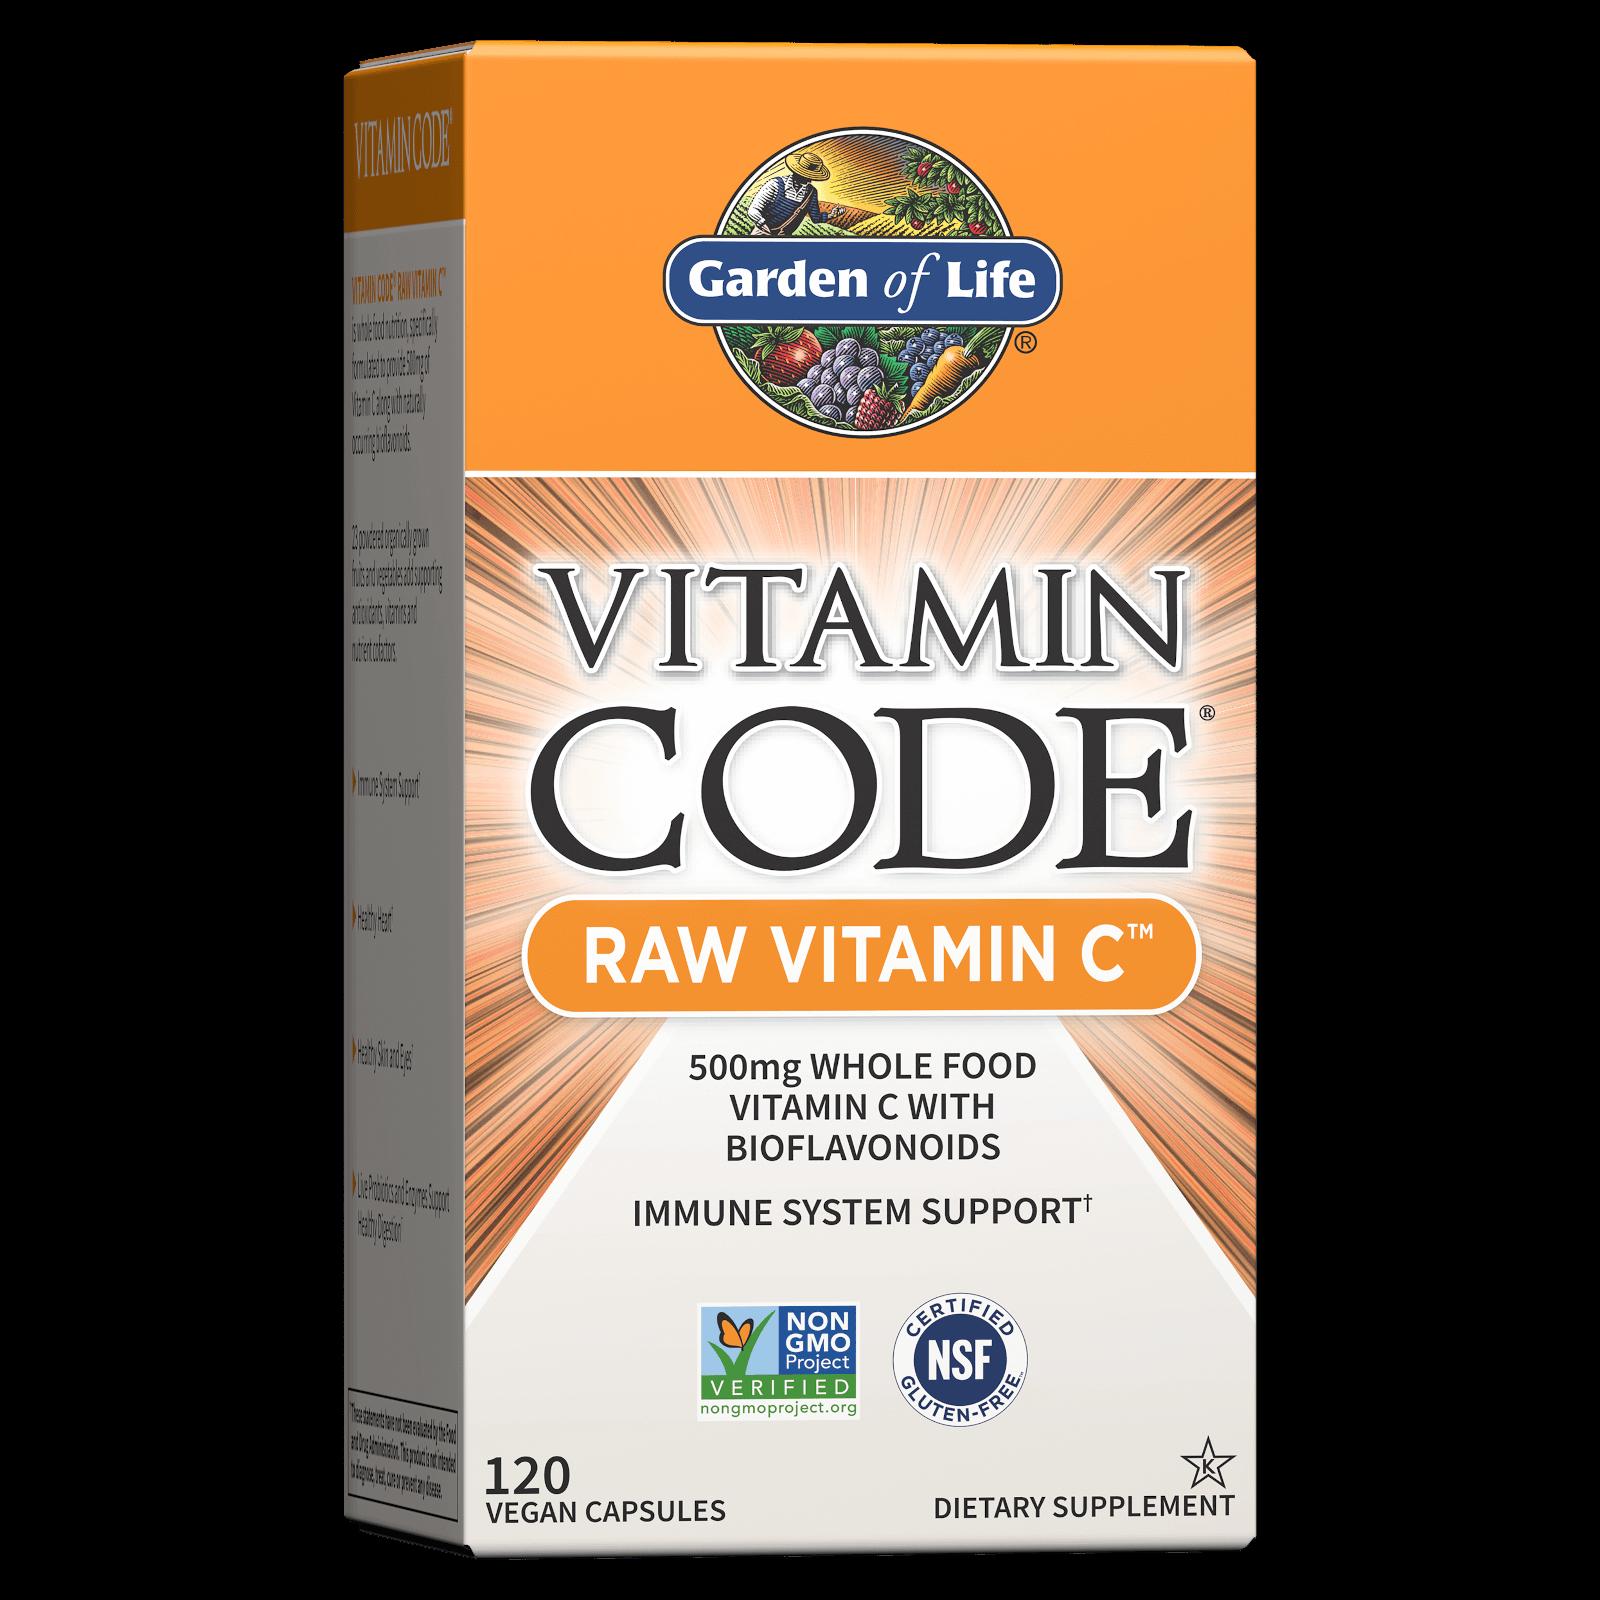 Vitamine Code Raw Vitamine C - 120 capsules